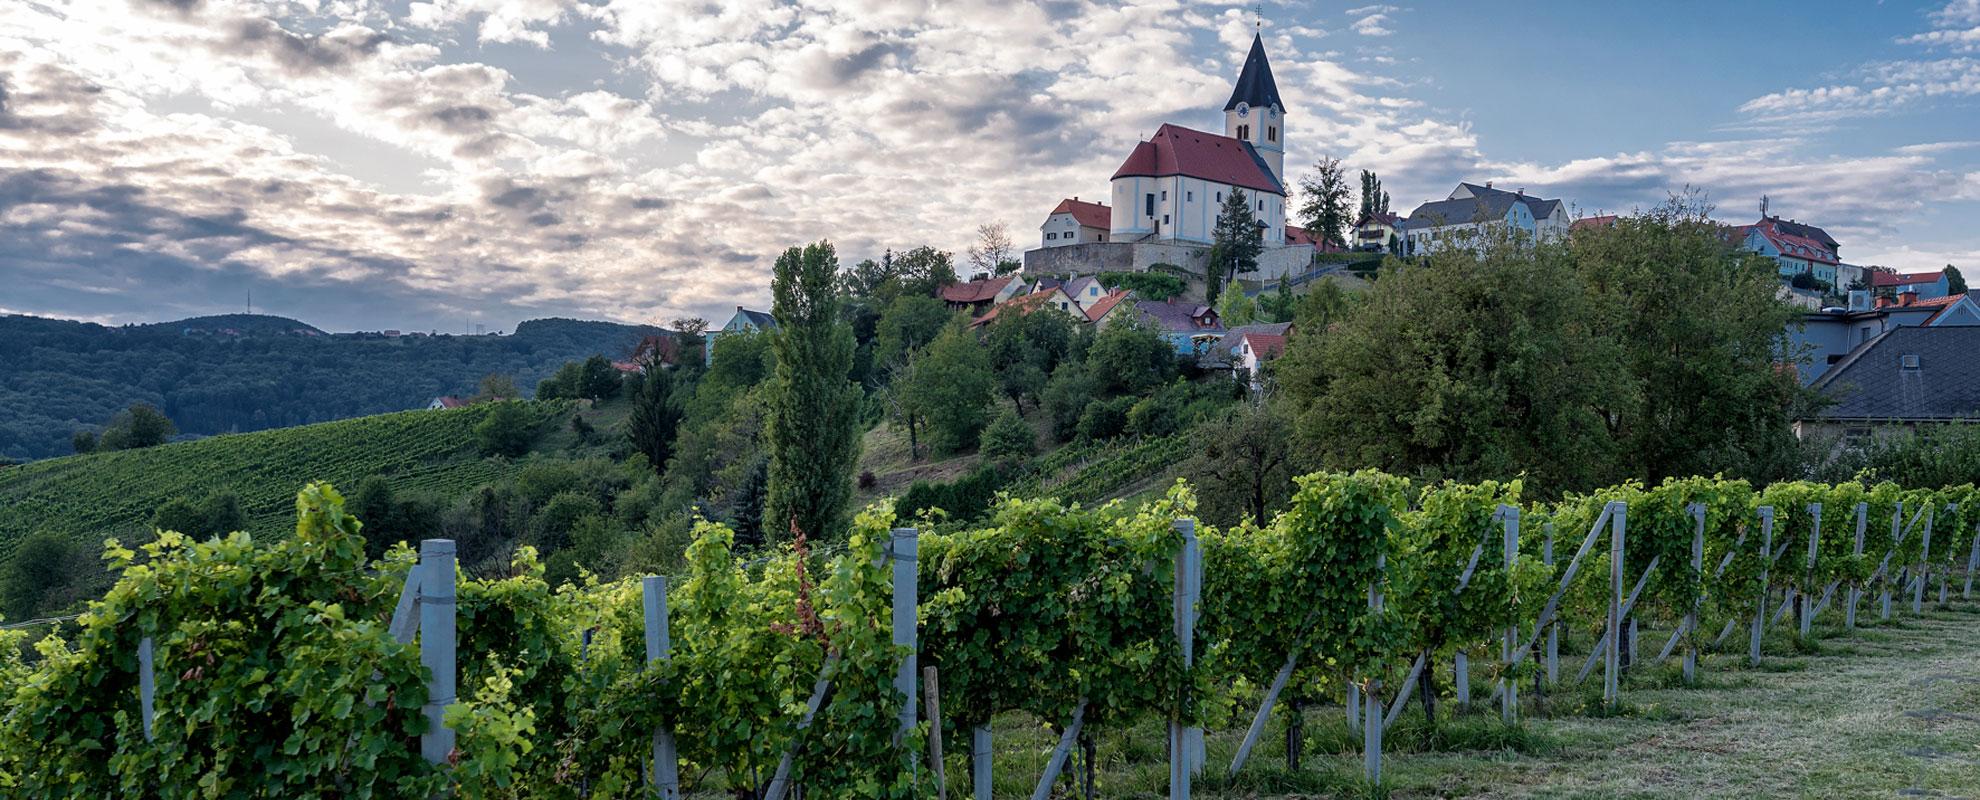 Wein in St. Anna